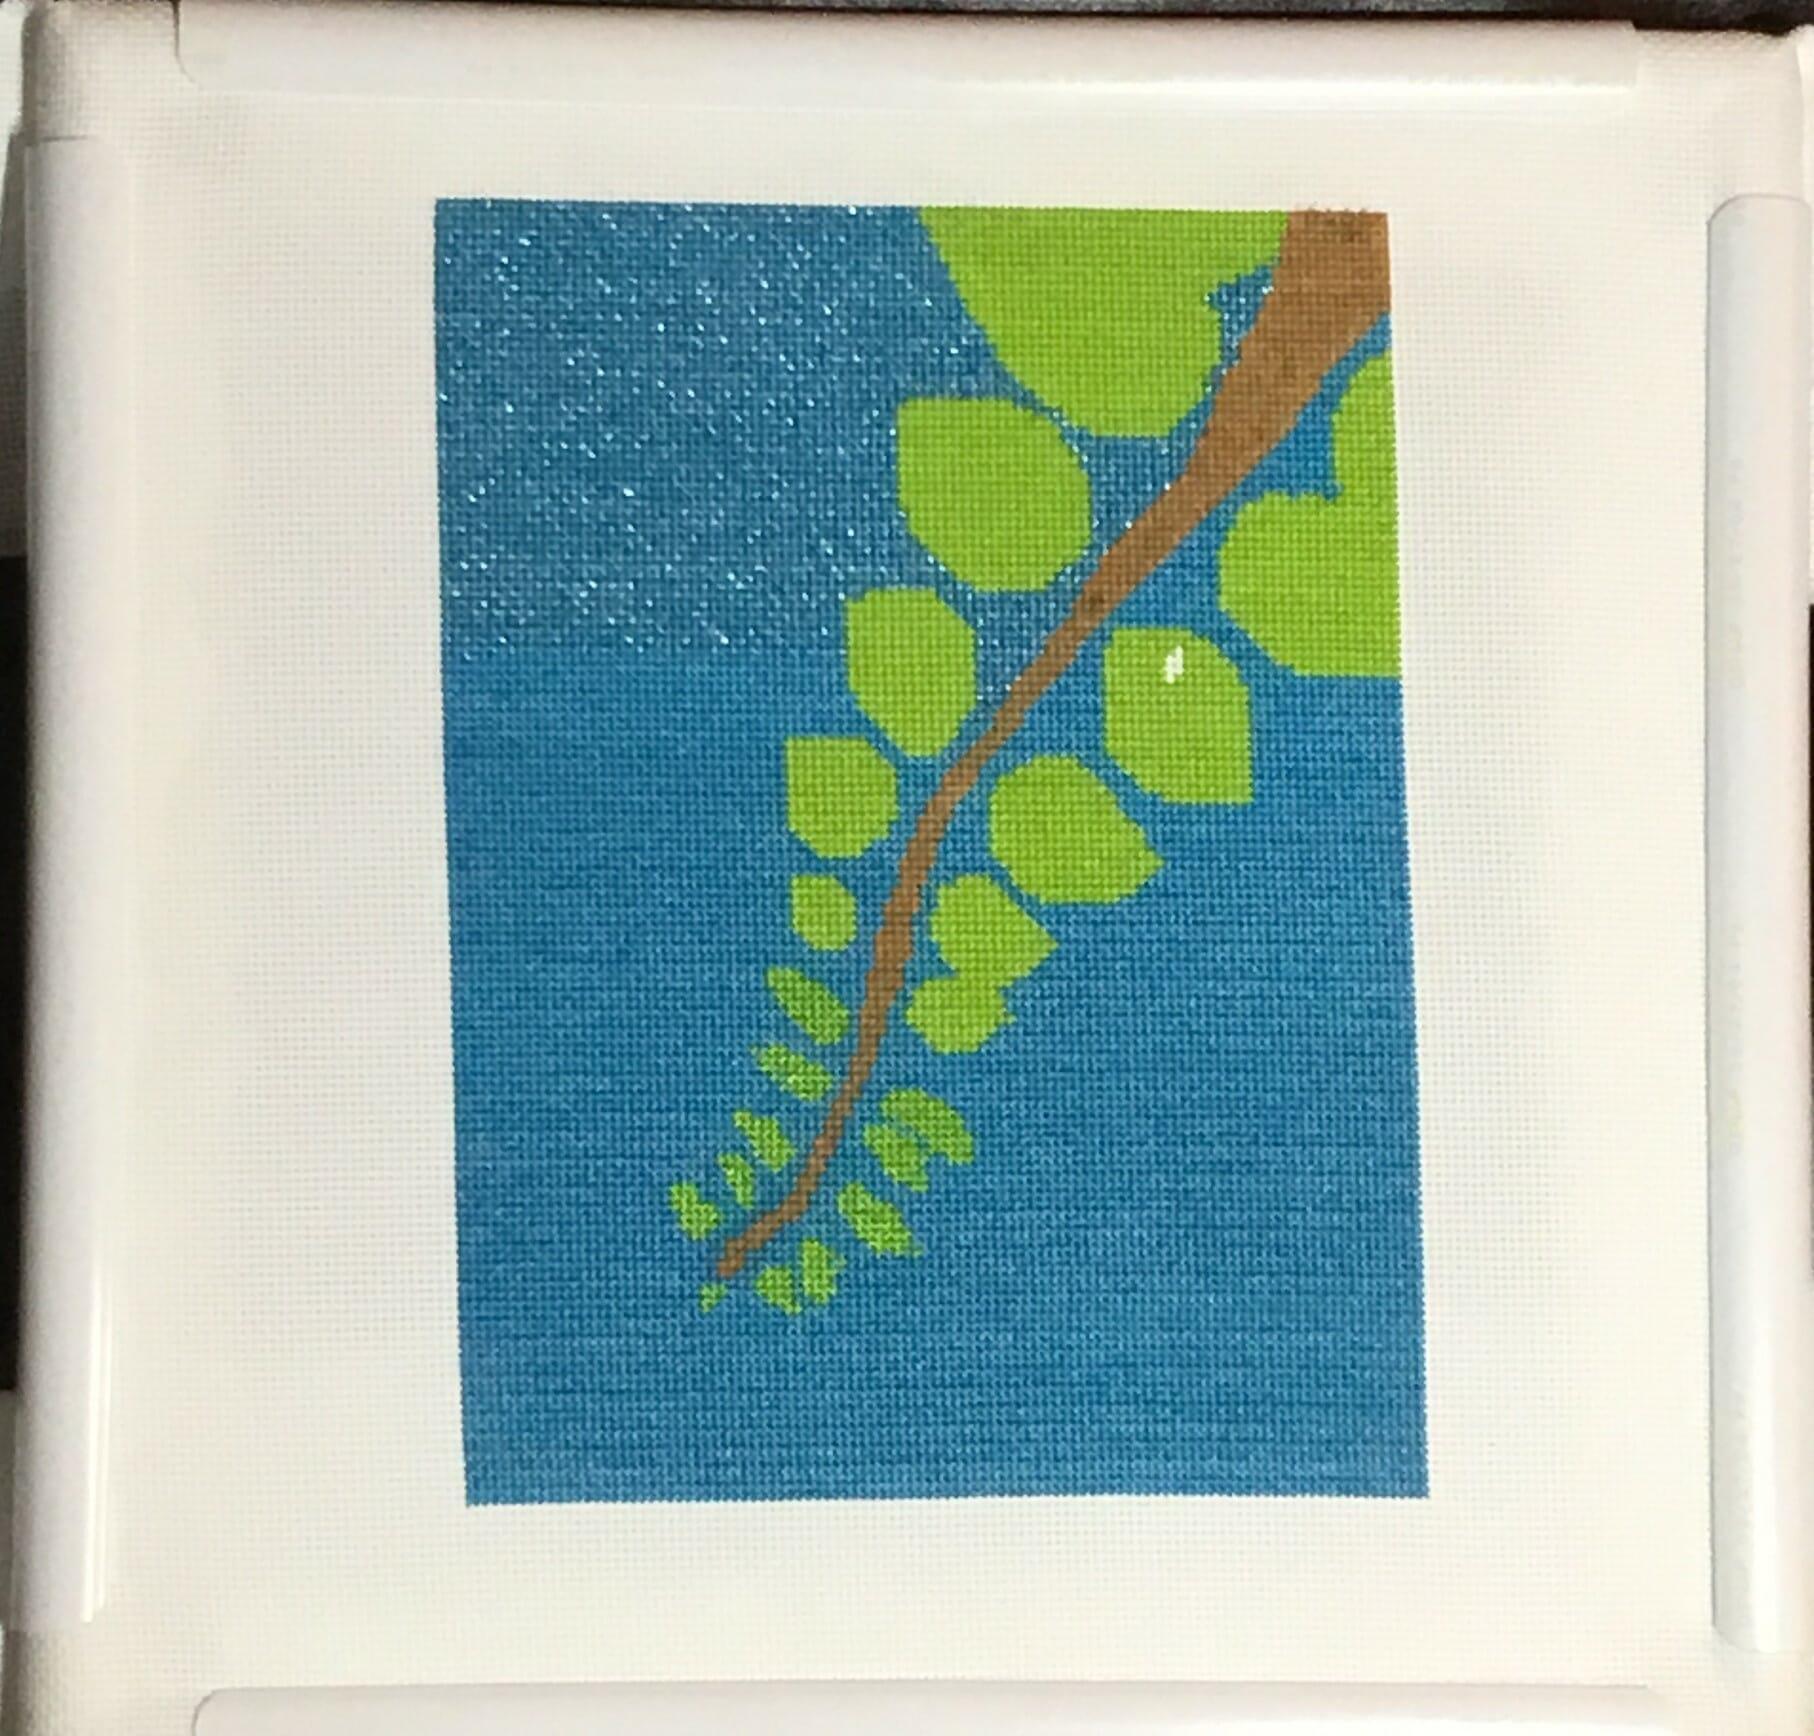 Ladybug Lake-Designed by Debbie Monachella